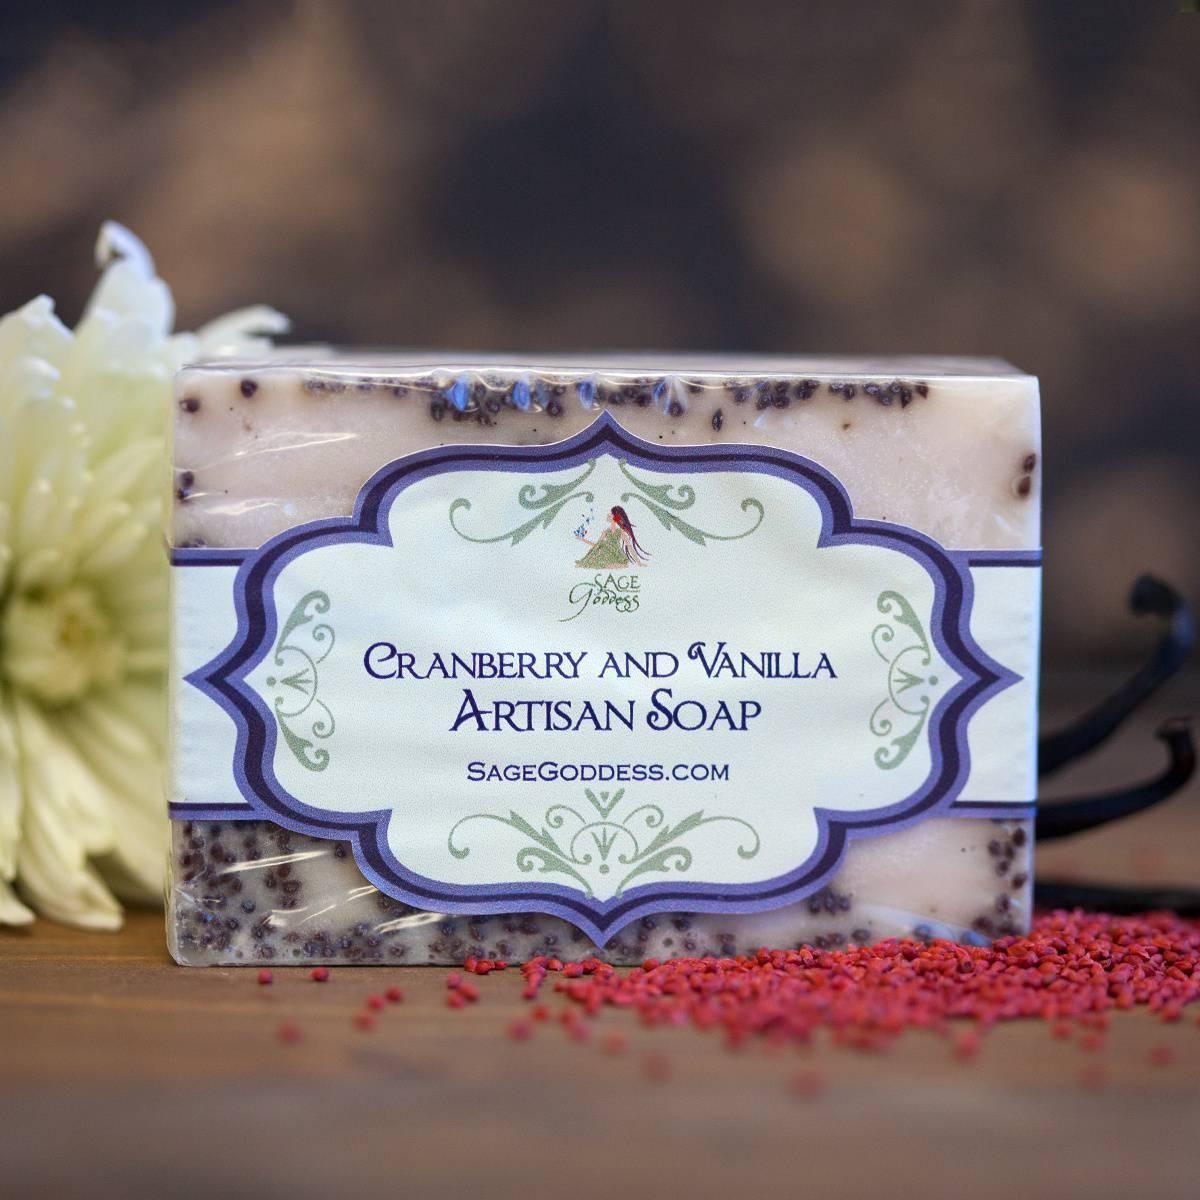 Cranberry and Vanilla Soap 12_19